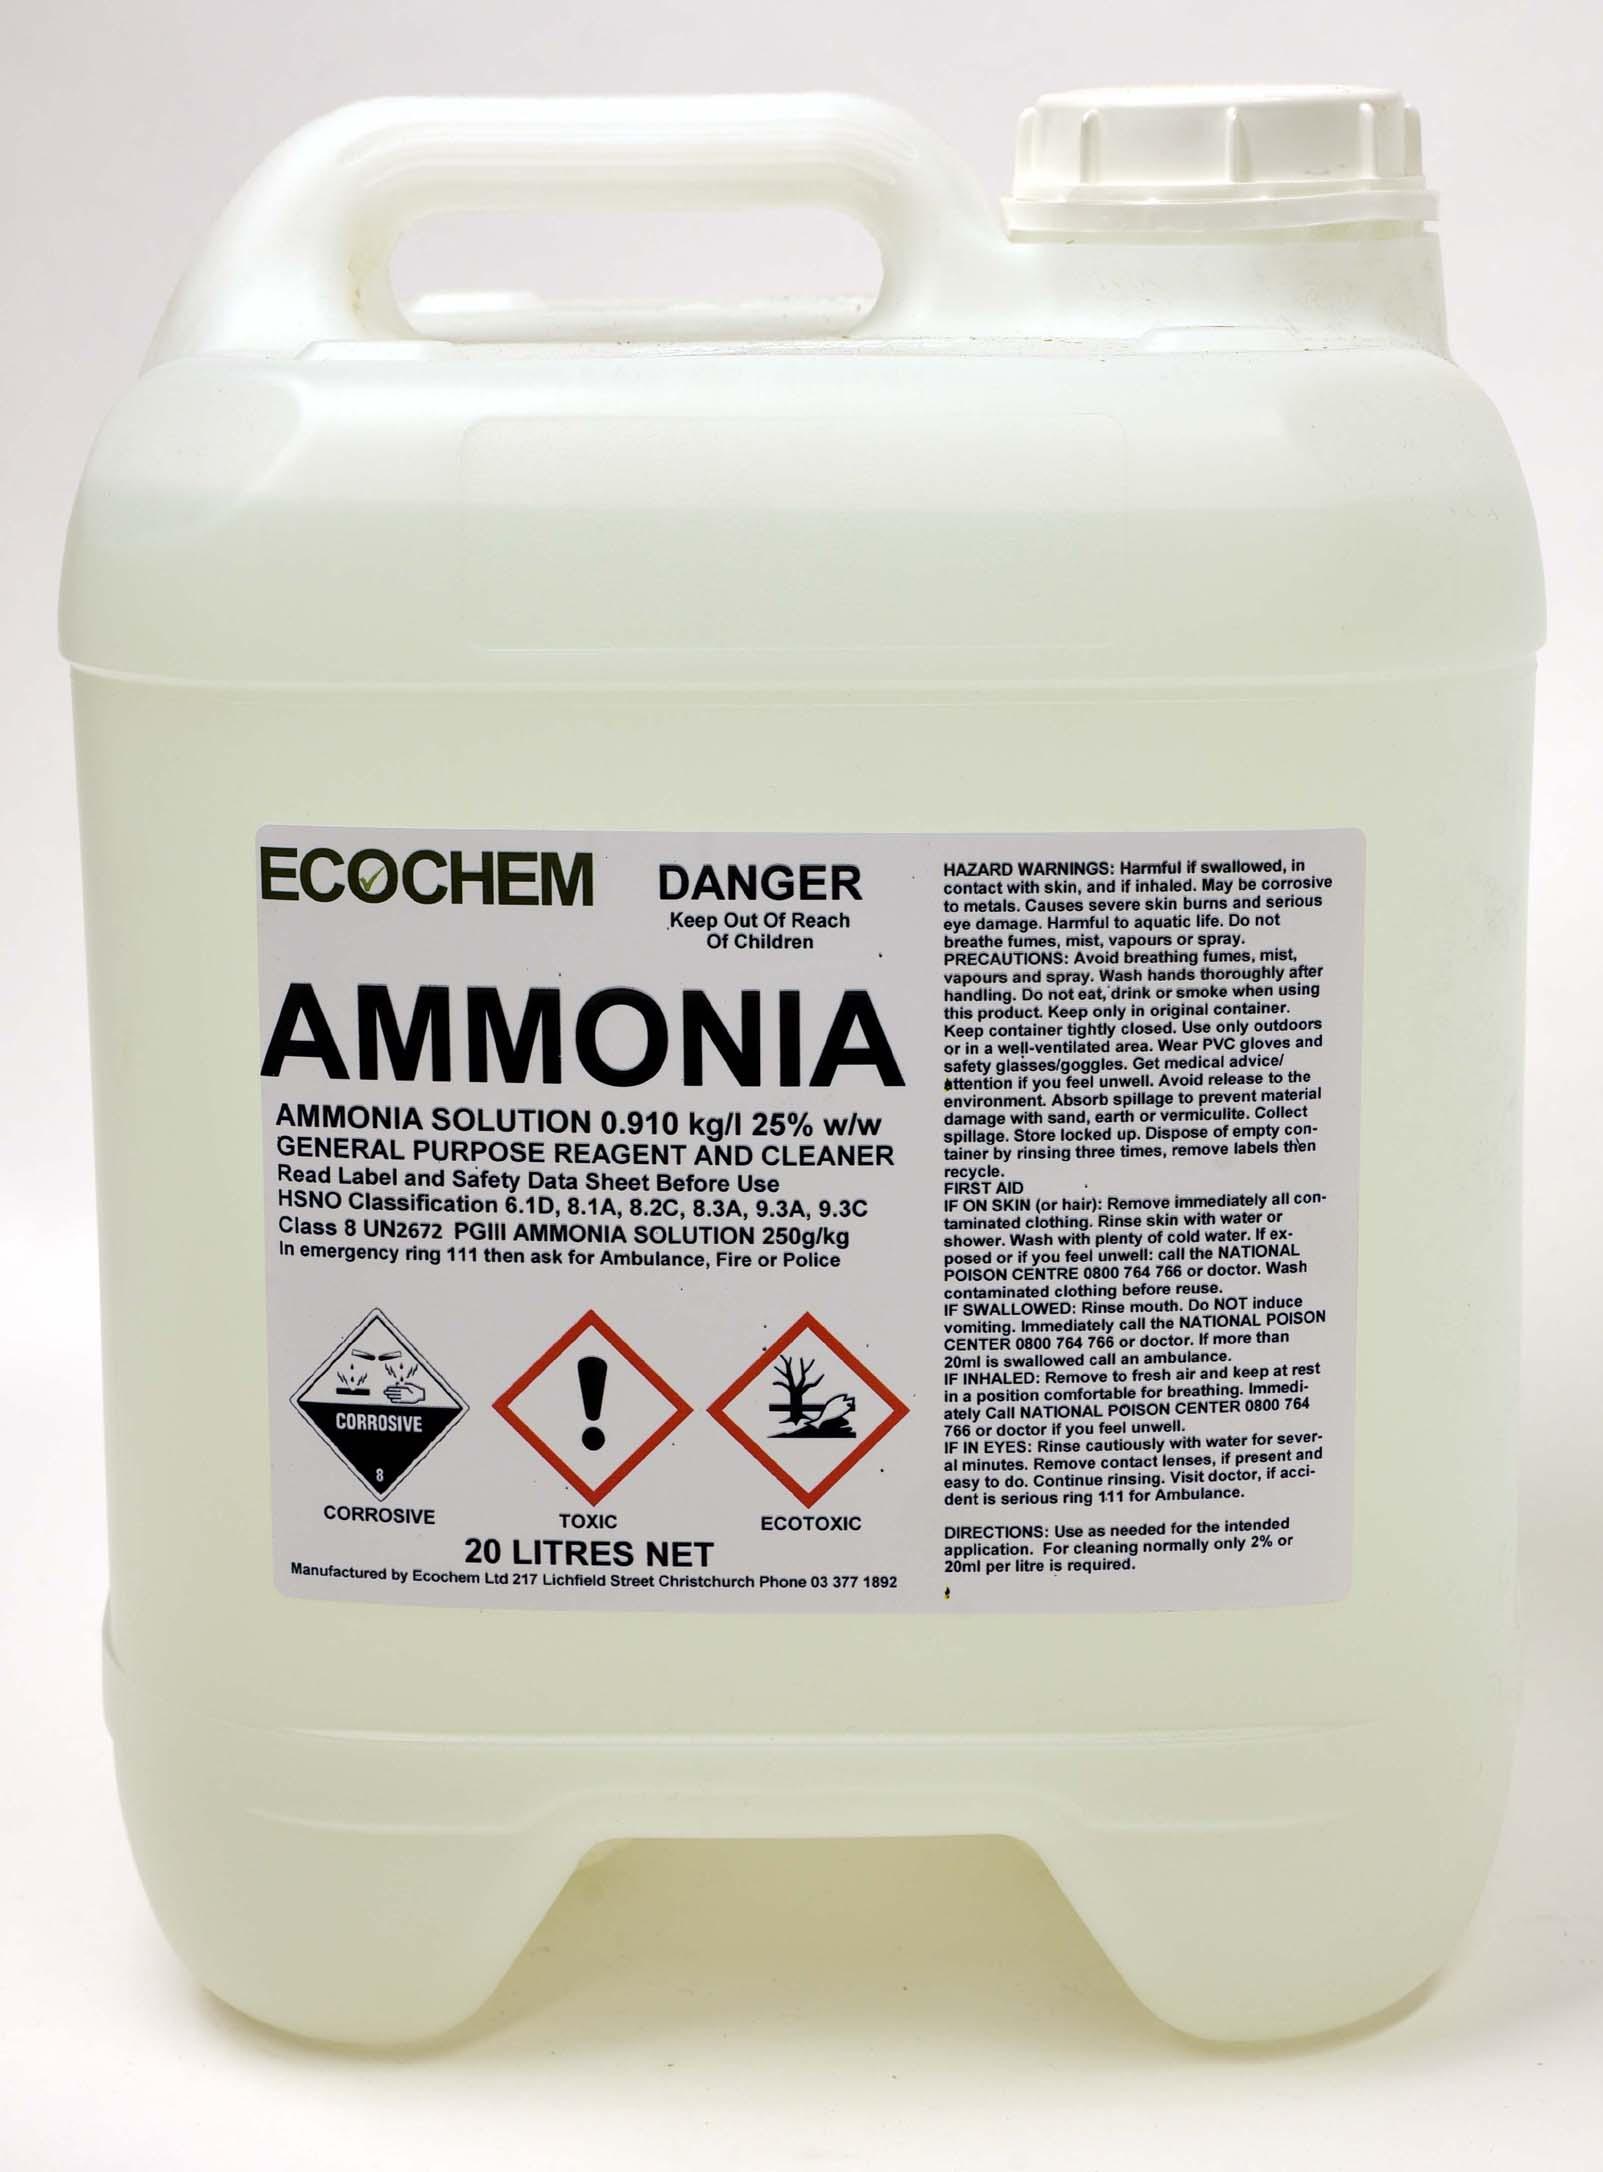 cara merawat lantai marmer dengan ammonia